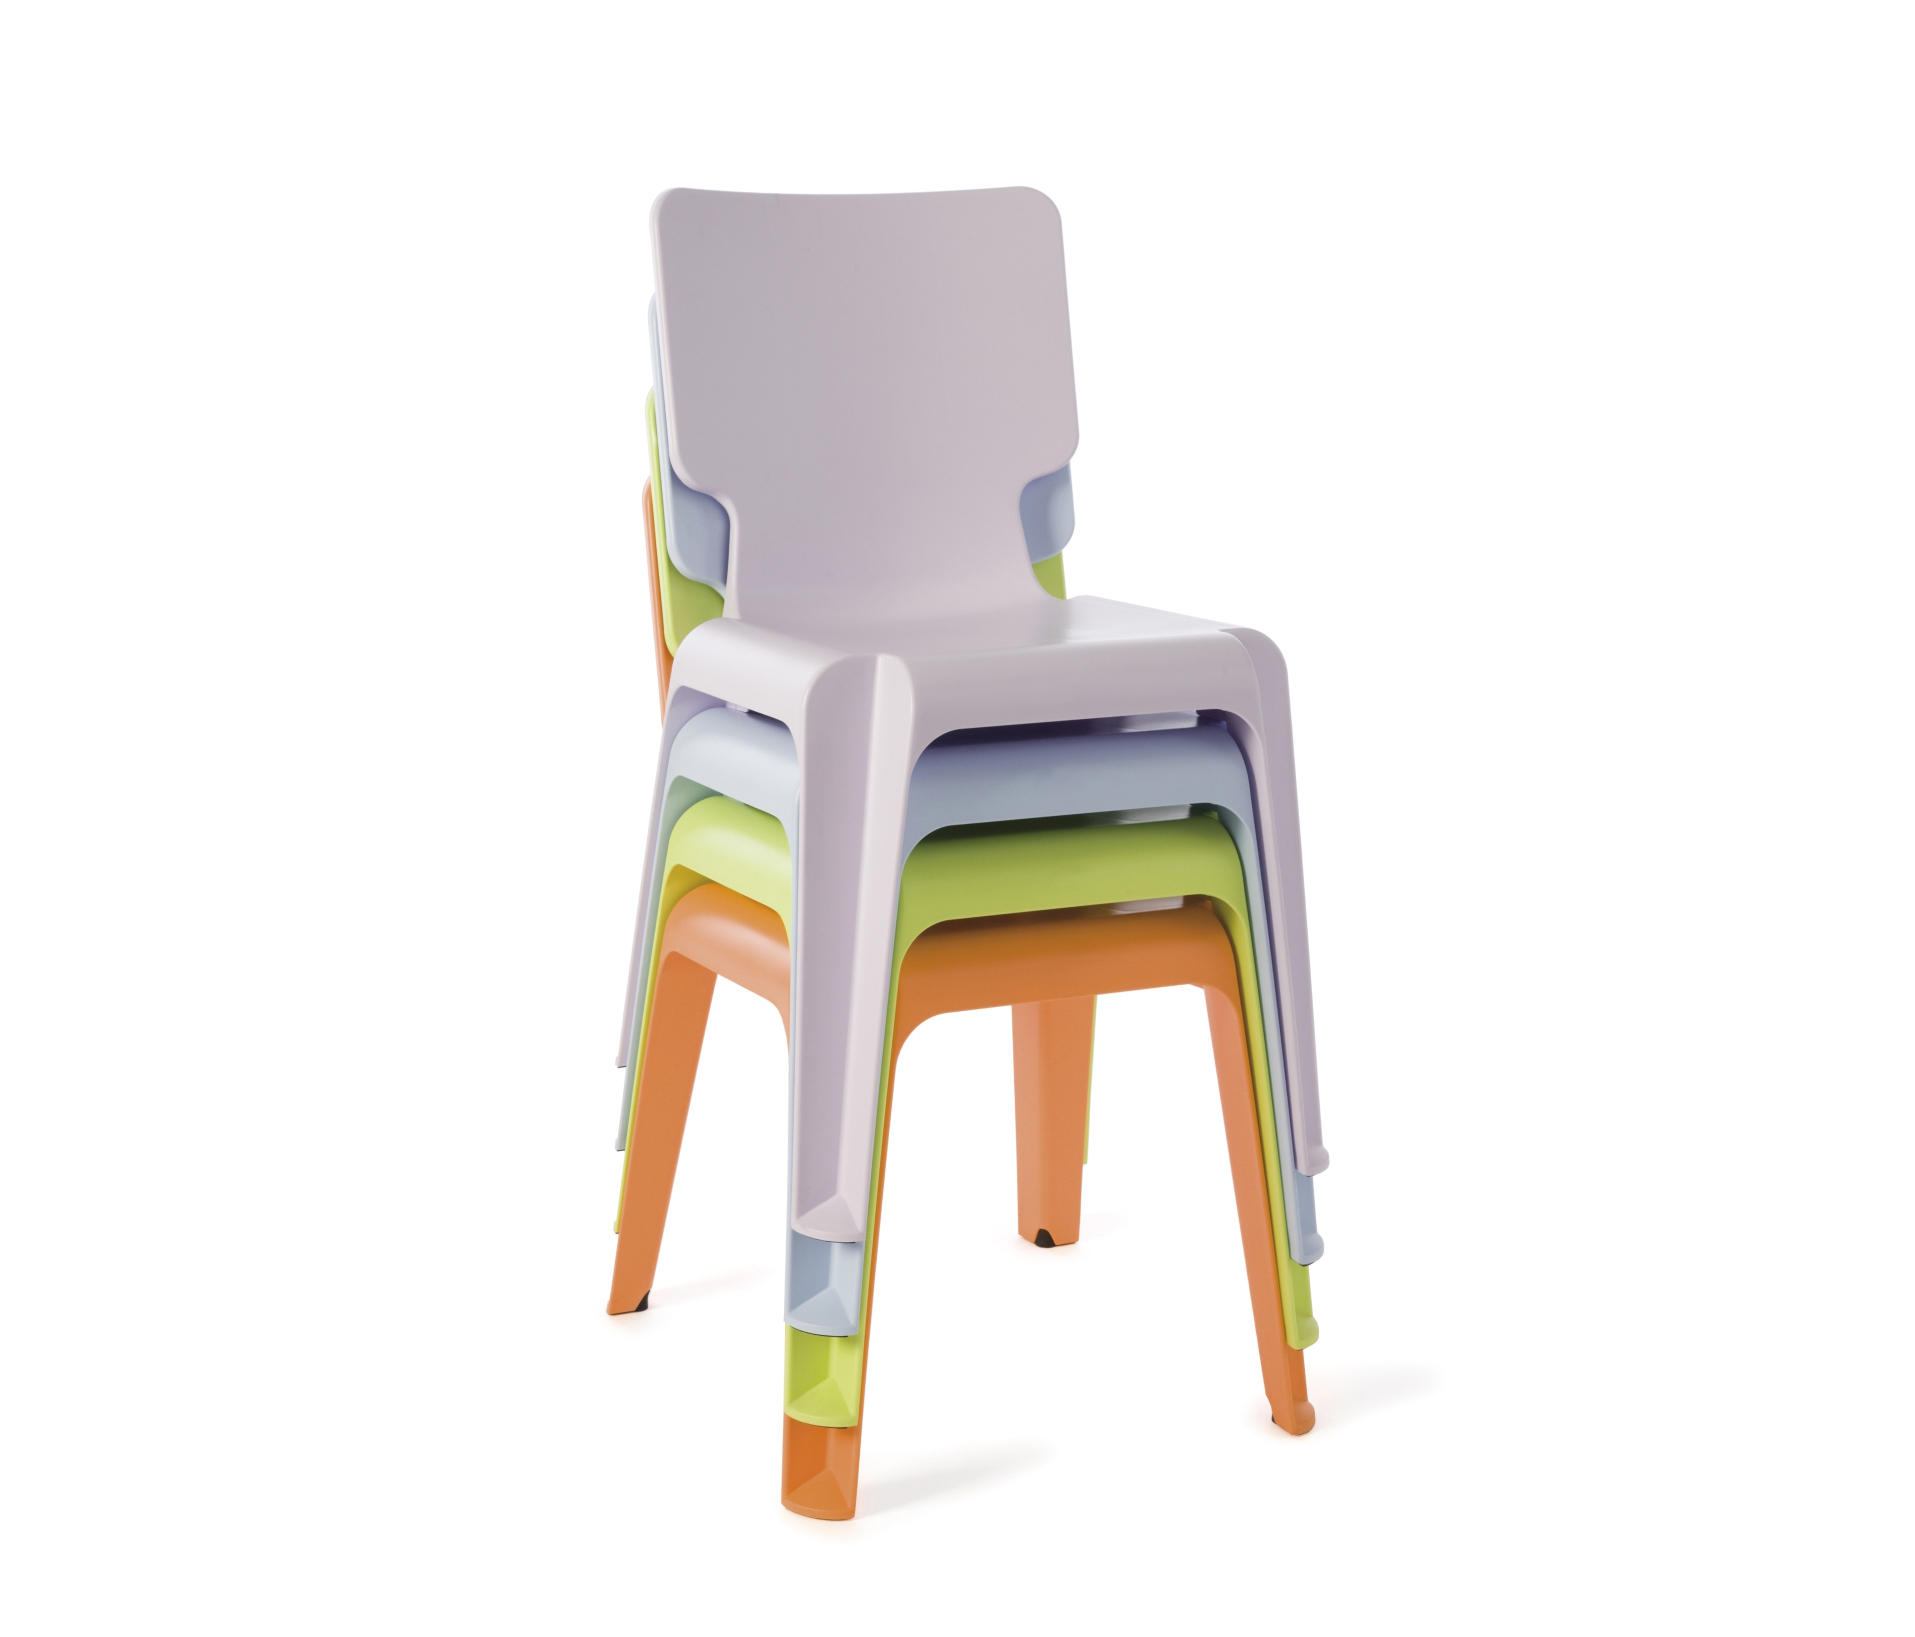 WAIT PLASTIC CHAIR - Chaises de Authentics   Architonic f15e8f158a26